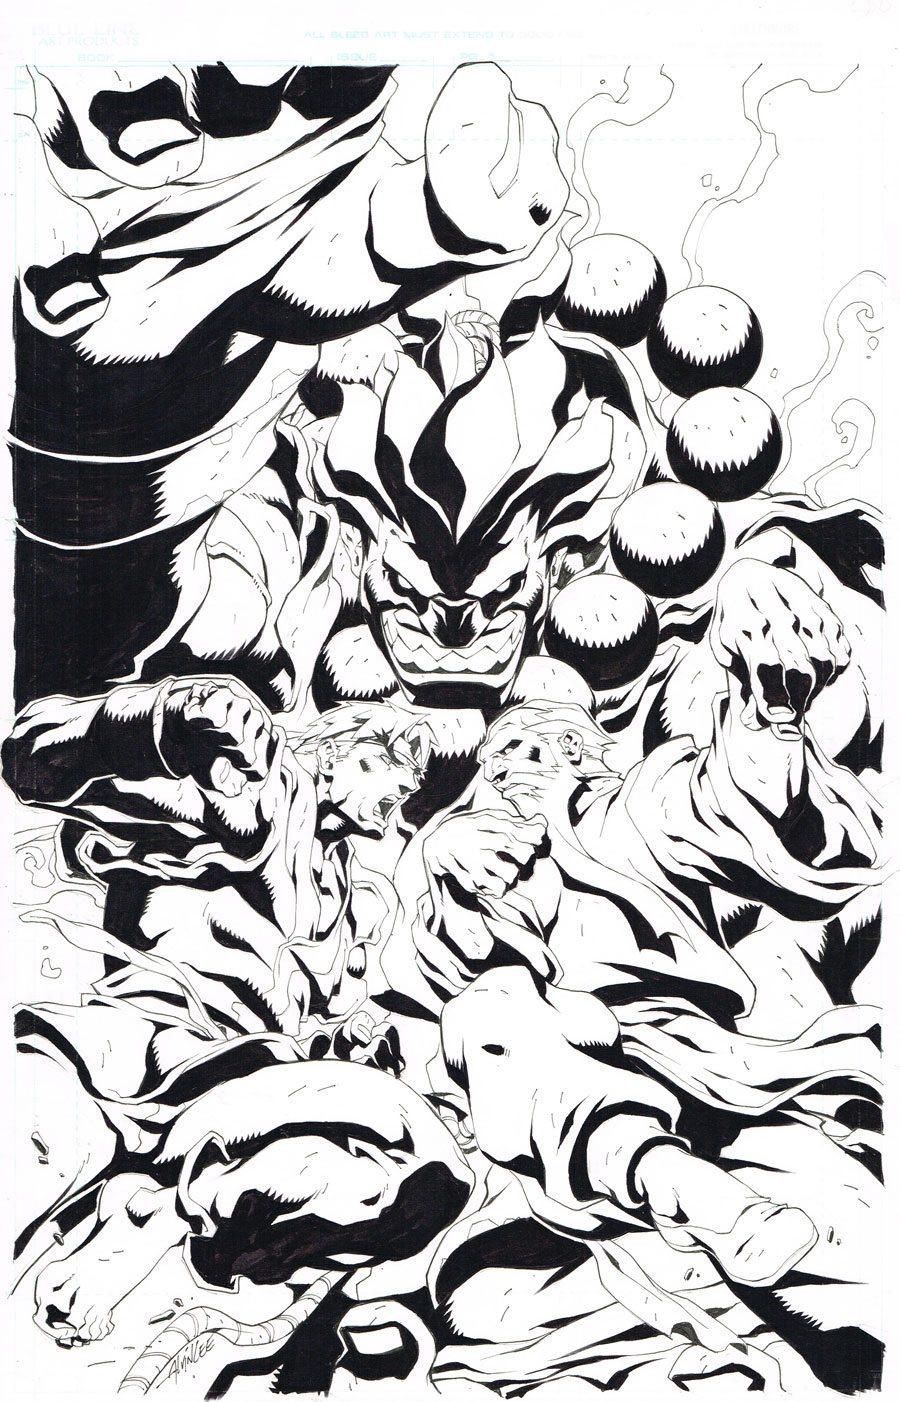 Street Fighter II #4A